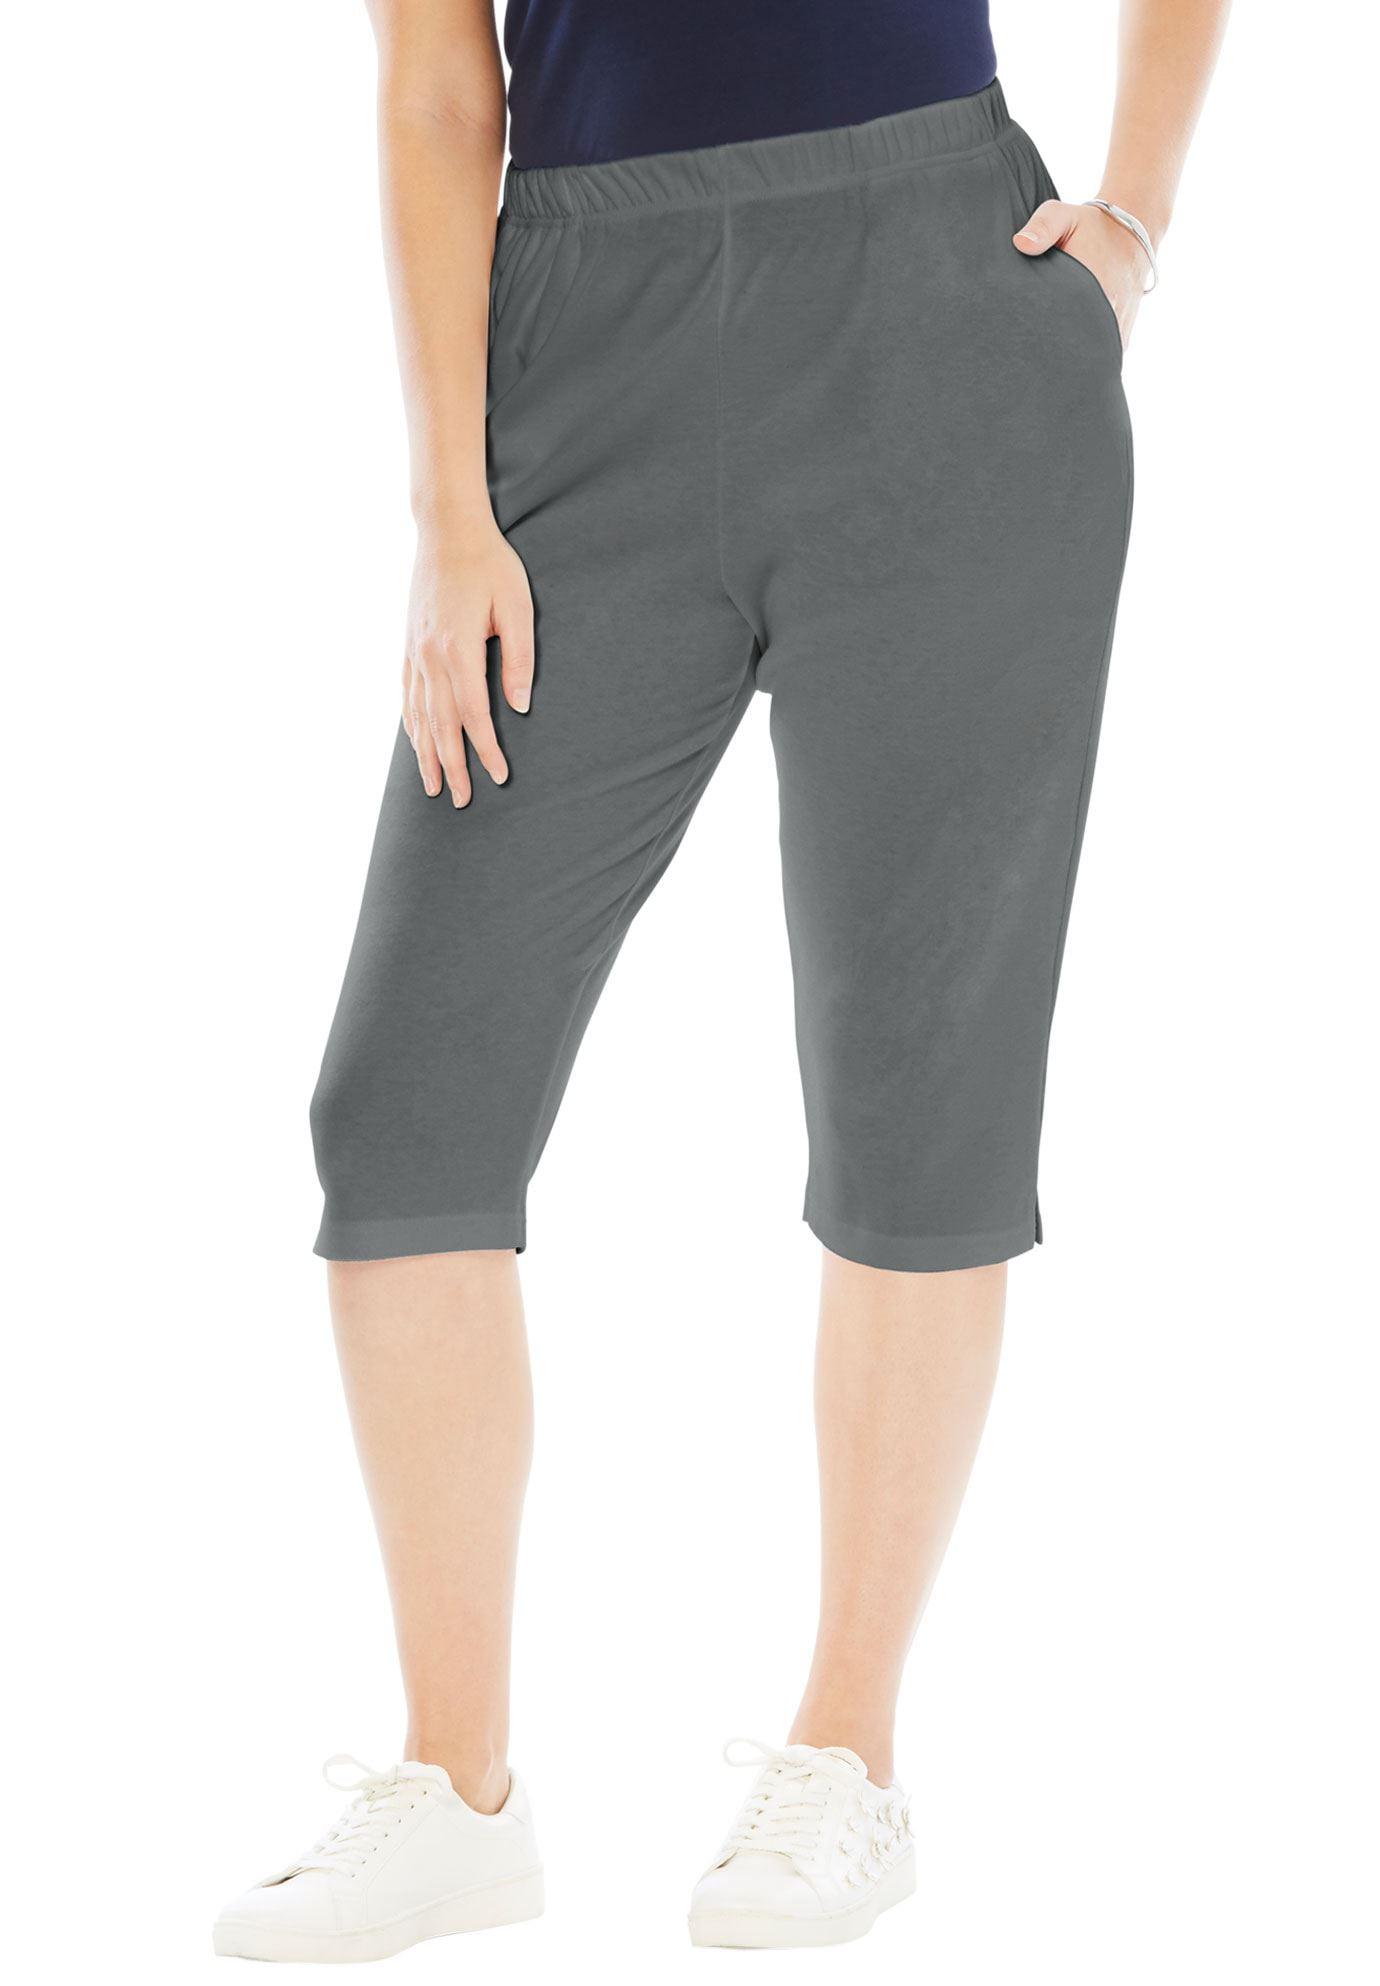 Roaman's Plus Size Soft Knit Capri Pant